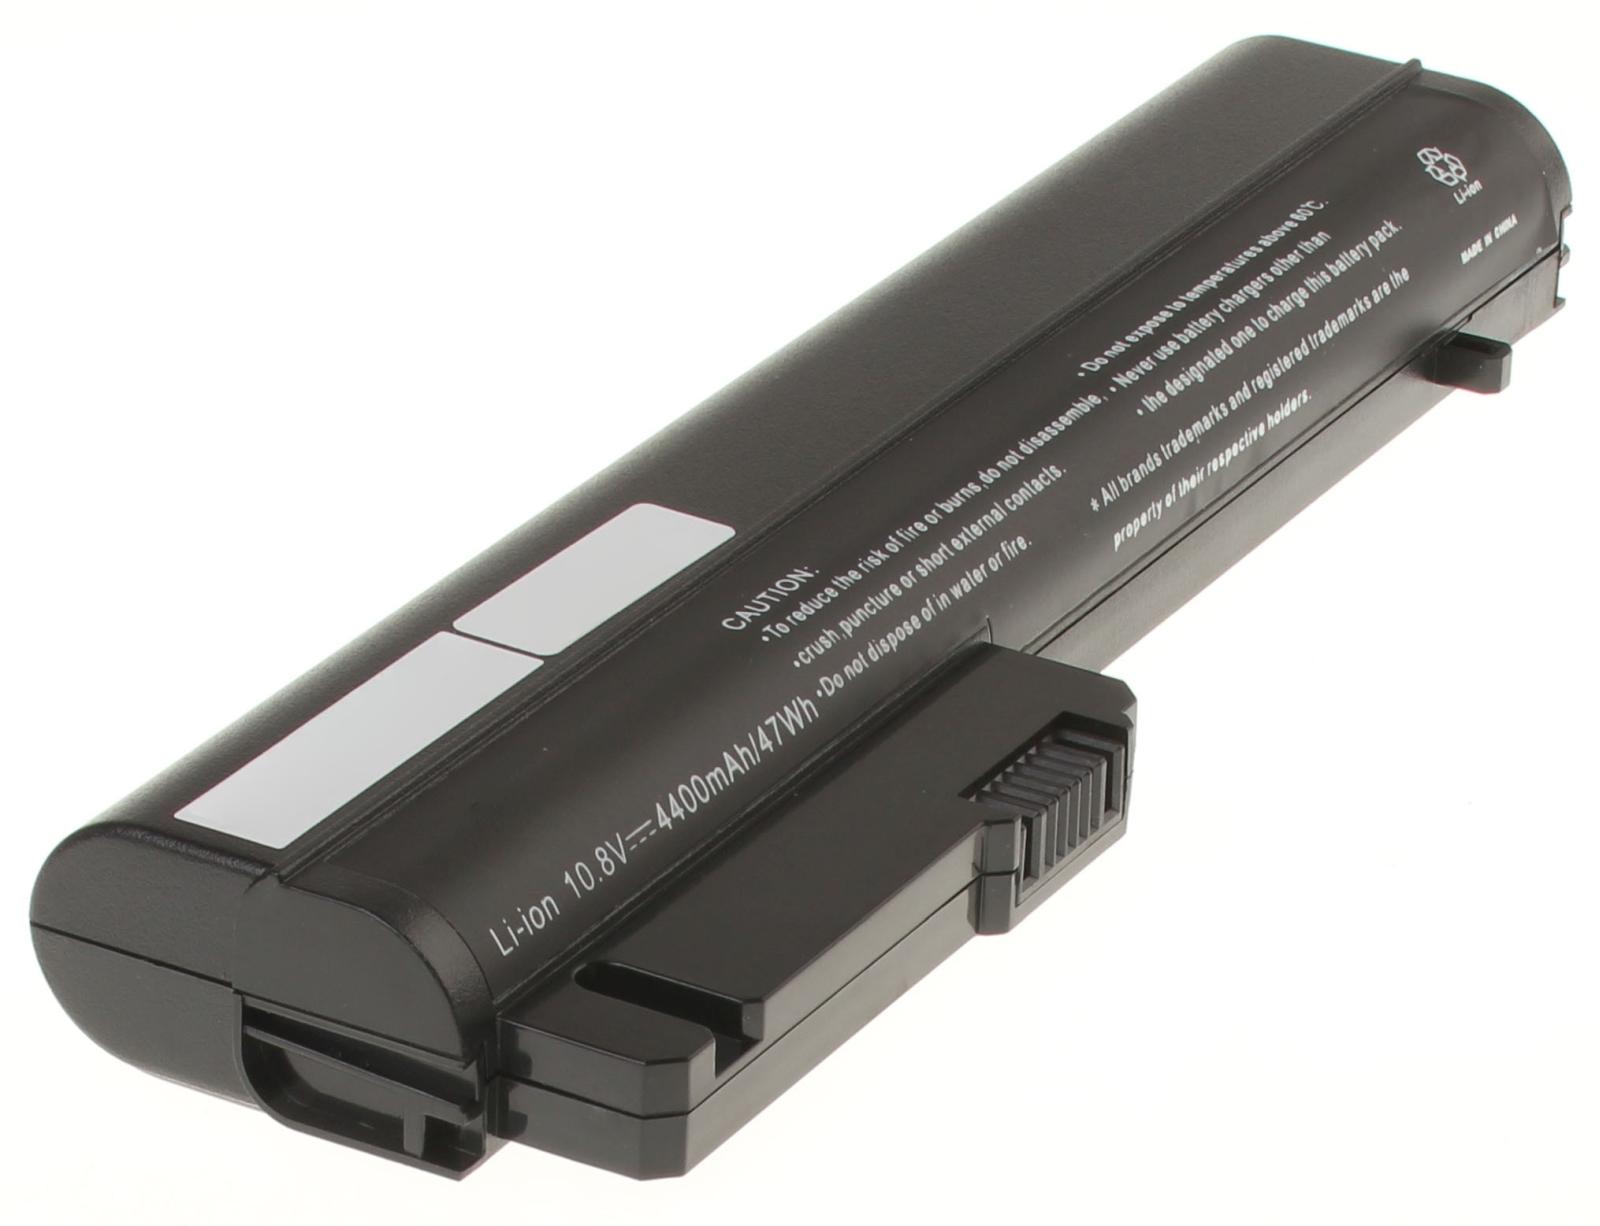 Аккумуляторная батарея 451715-001 для ноутбуков HP-Compaq. Артикул 11-1232.Емкость (mAh): 4400. Напряжение (V): 10,8